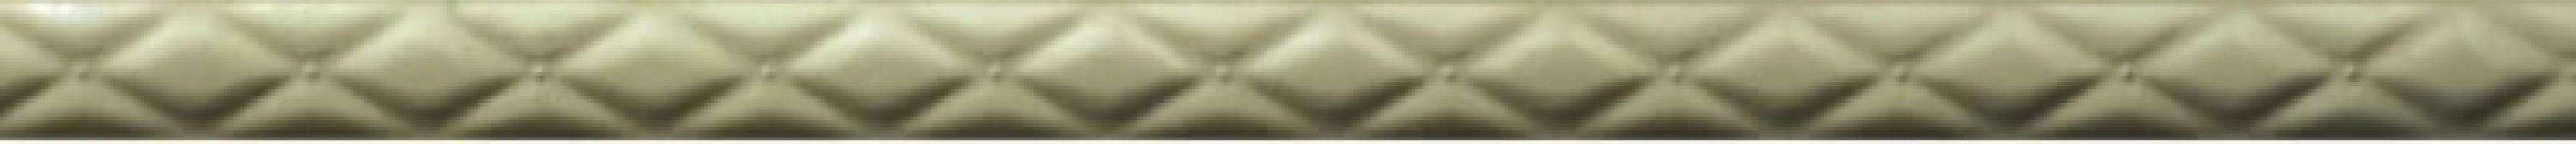 Бордюр CSAROMBE01 Pensiero Rombo Beige 3.0x50.2 Sant Agostino